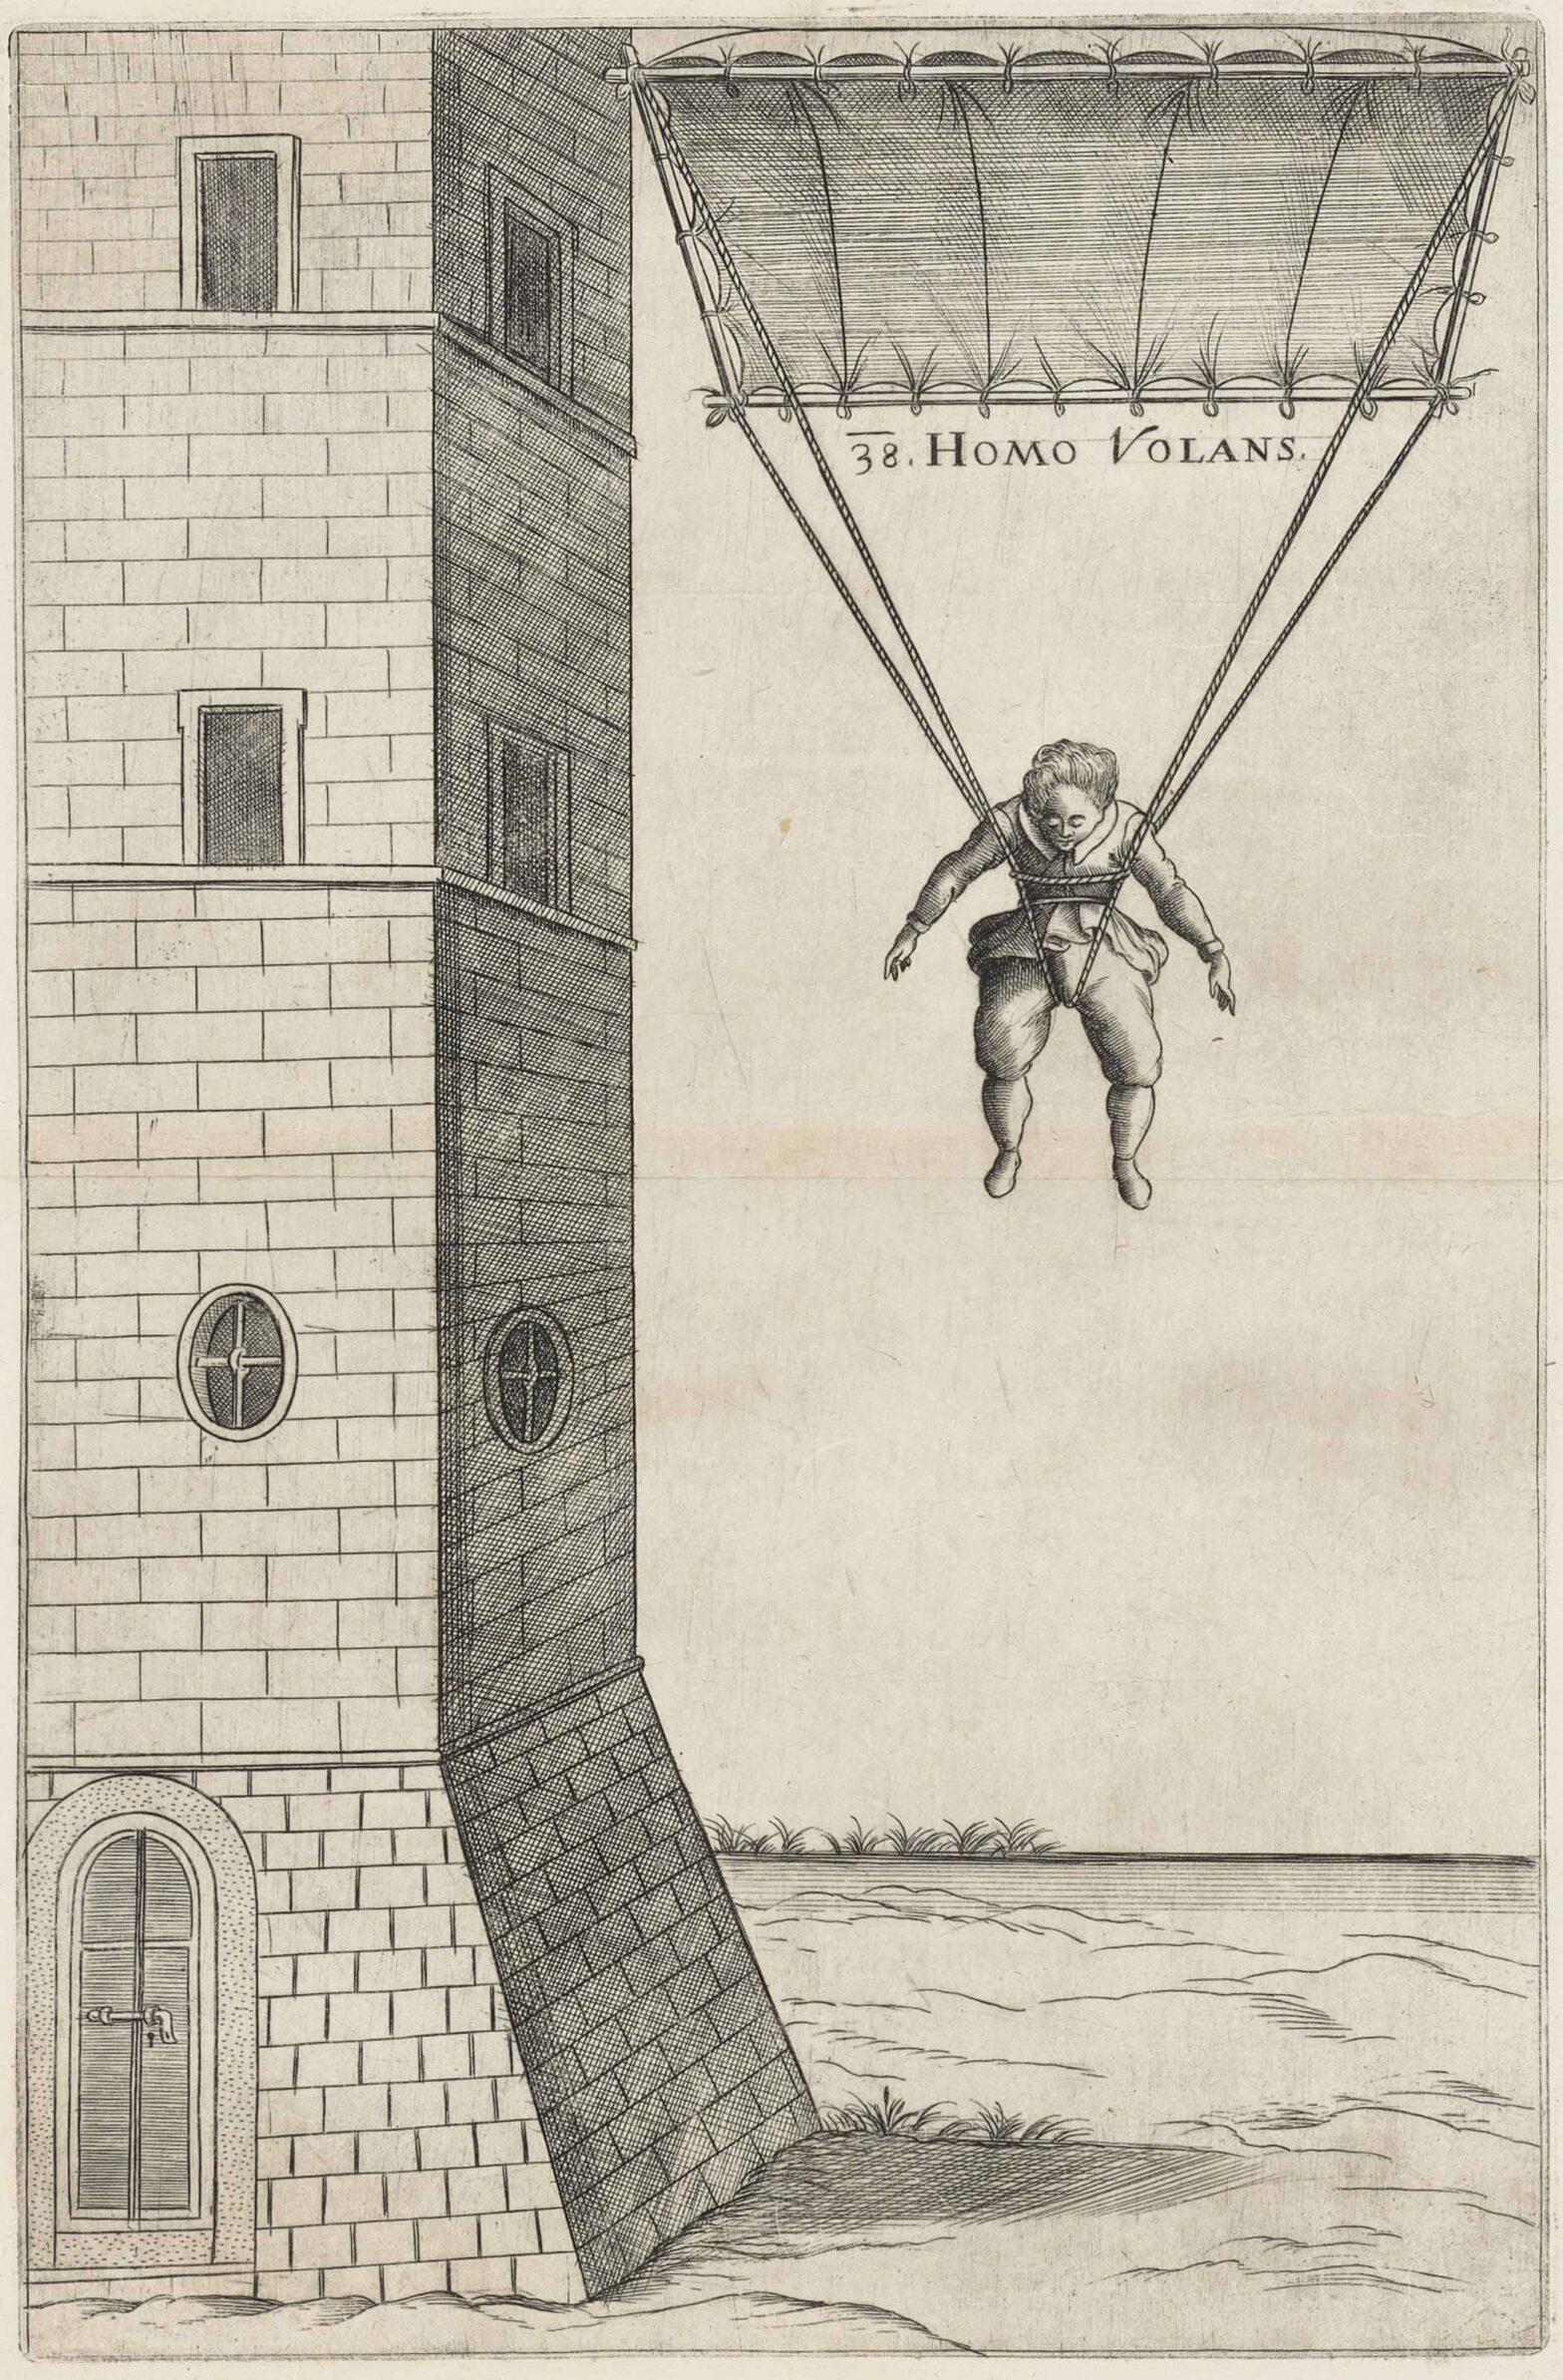 Homo volans ili leteći čovjek – Vrančićev nacrt padobrana